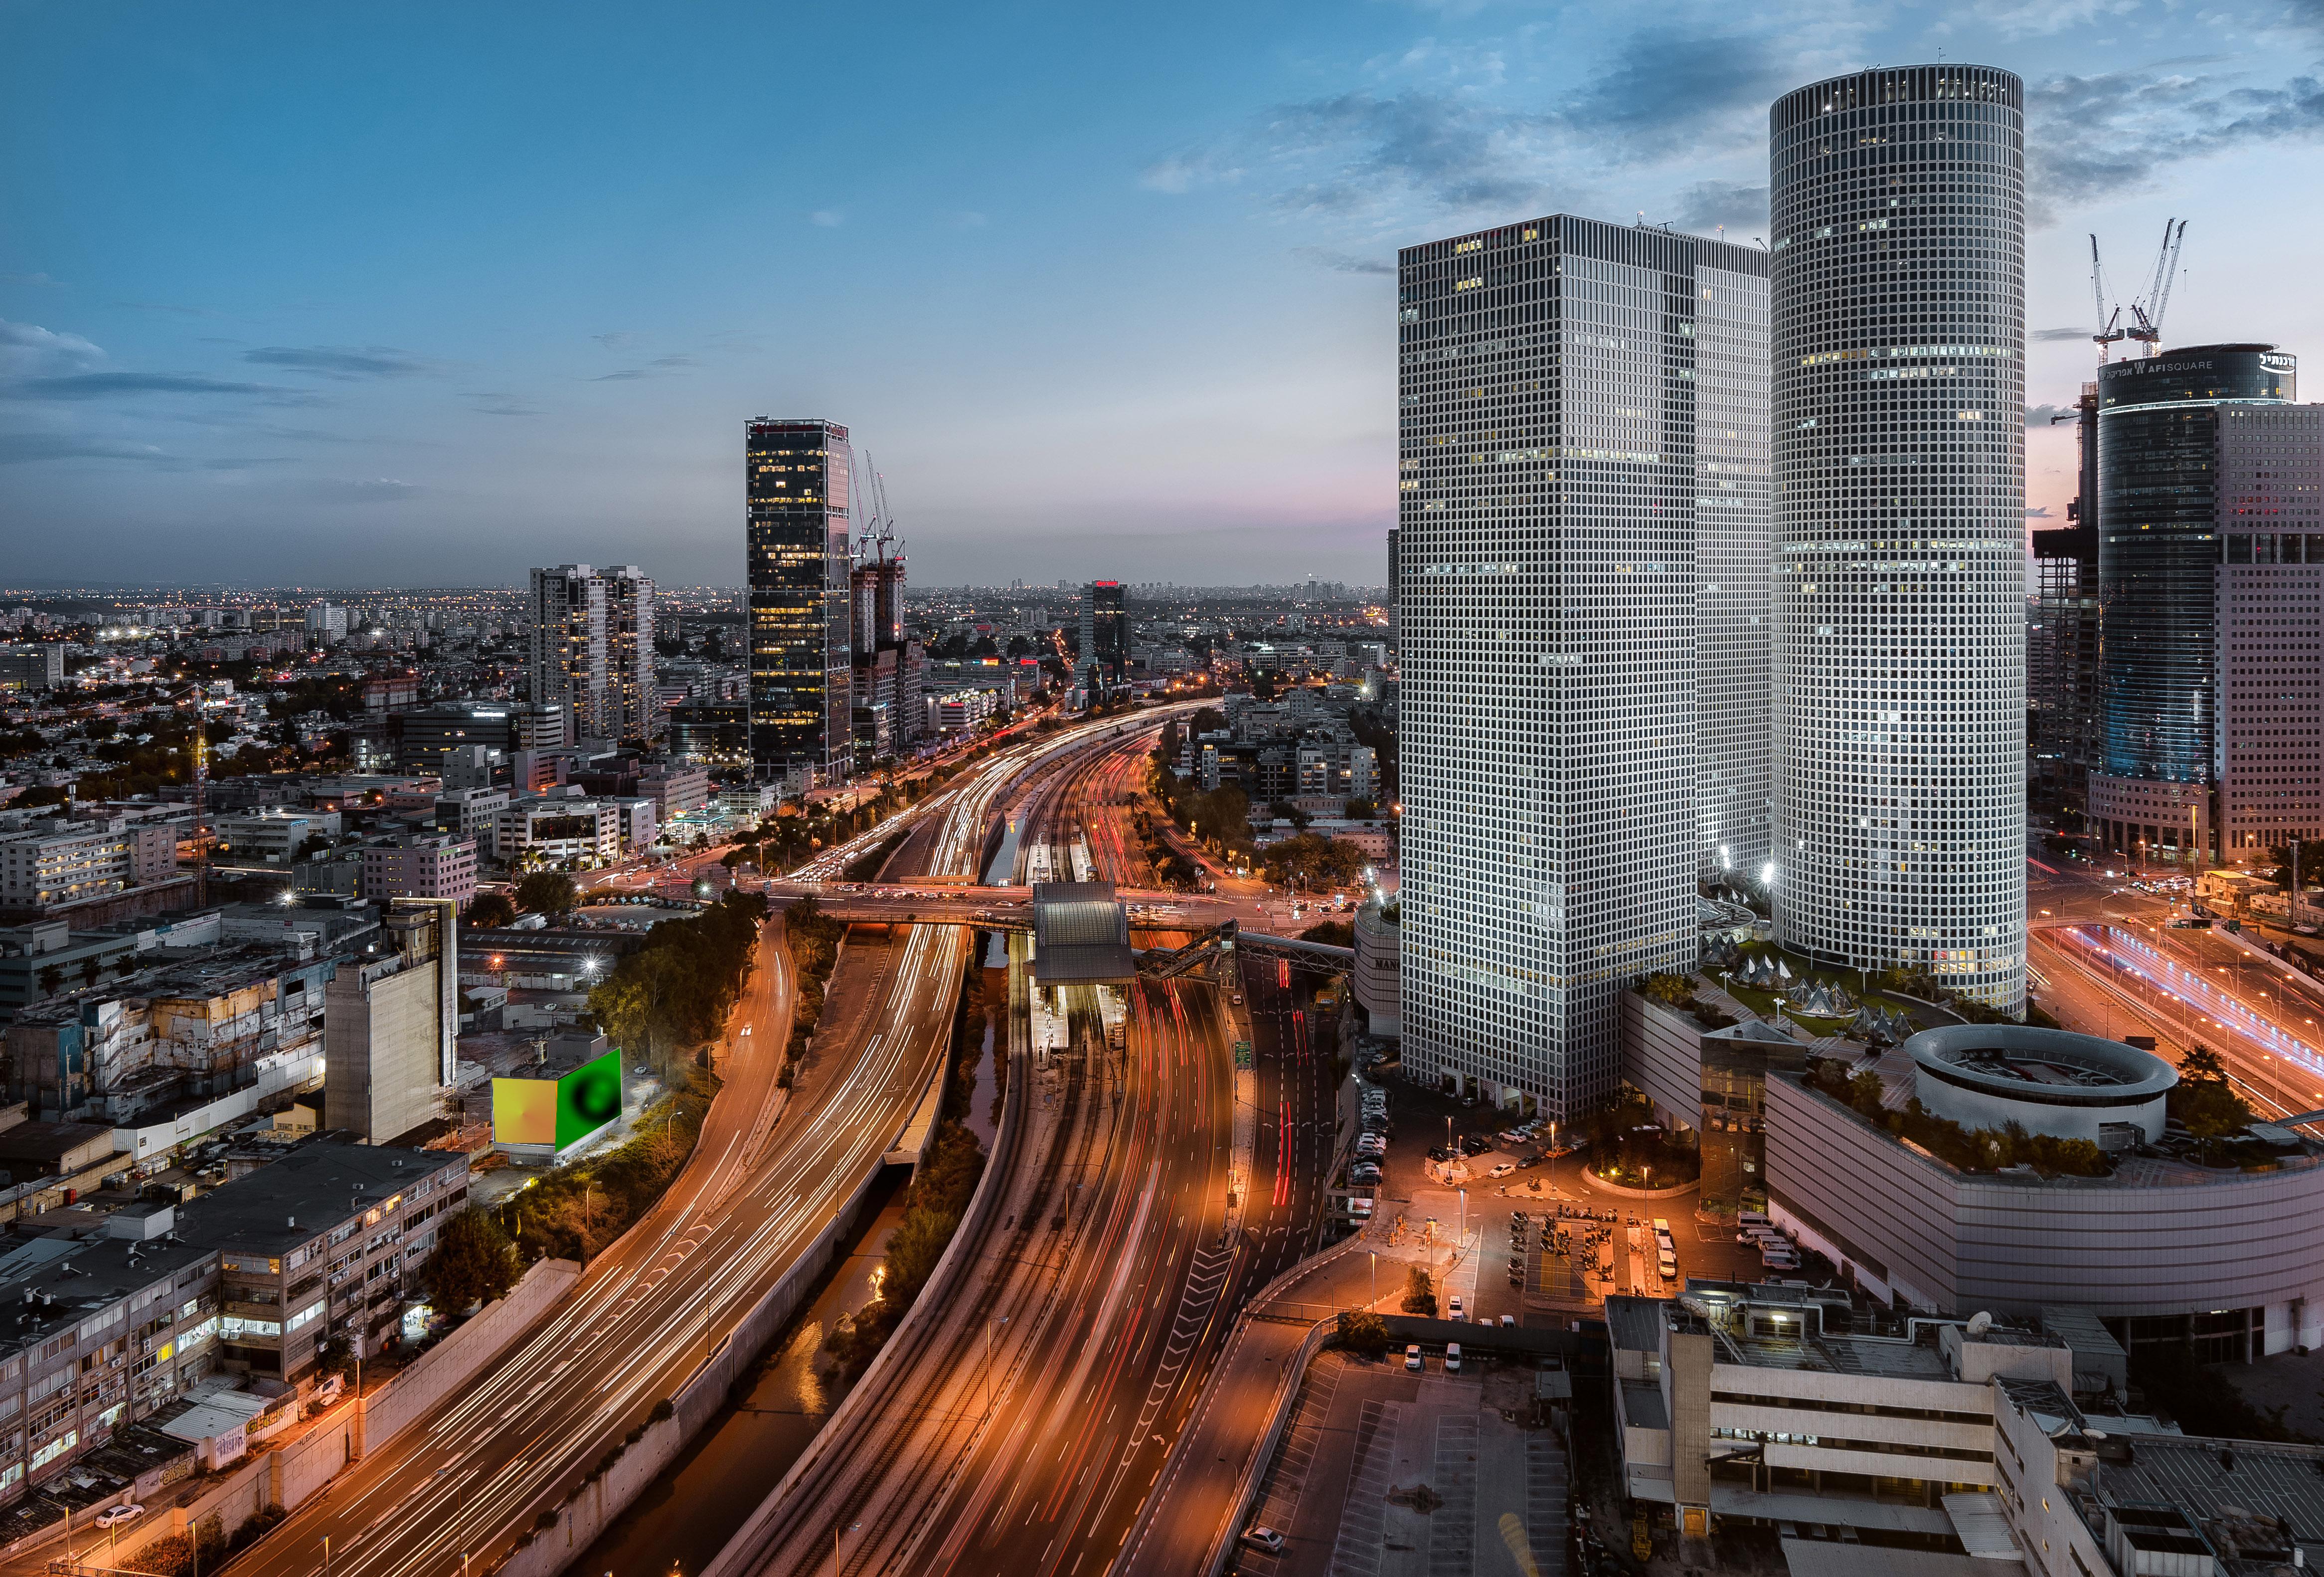 Höchst dynamisch: Tel Aviv. Kaum ein Top 500-Unternehmen ist hier nicht vertreten.